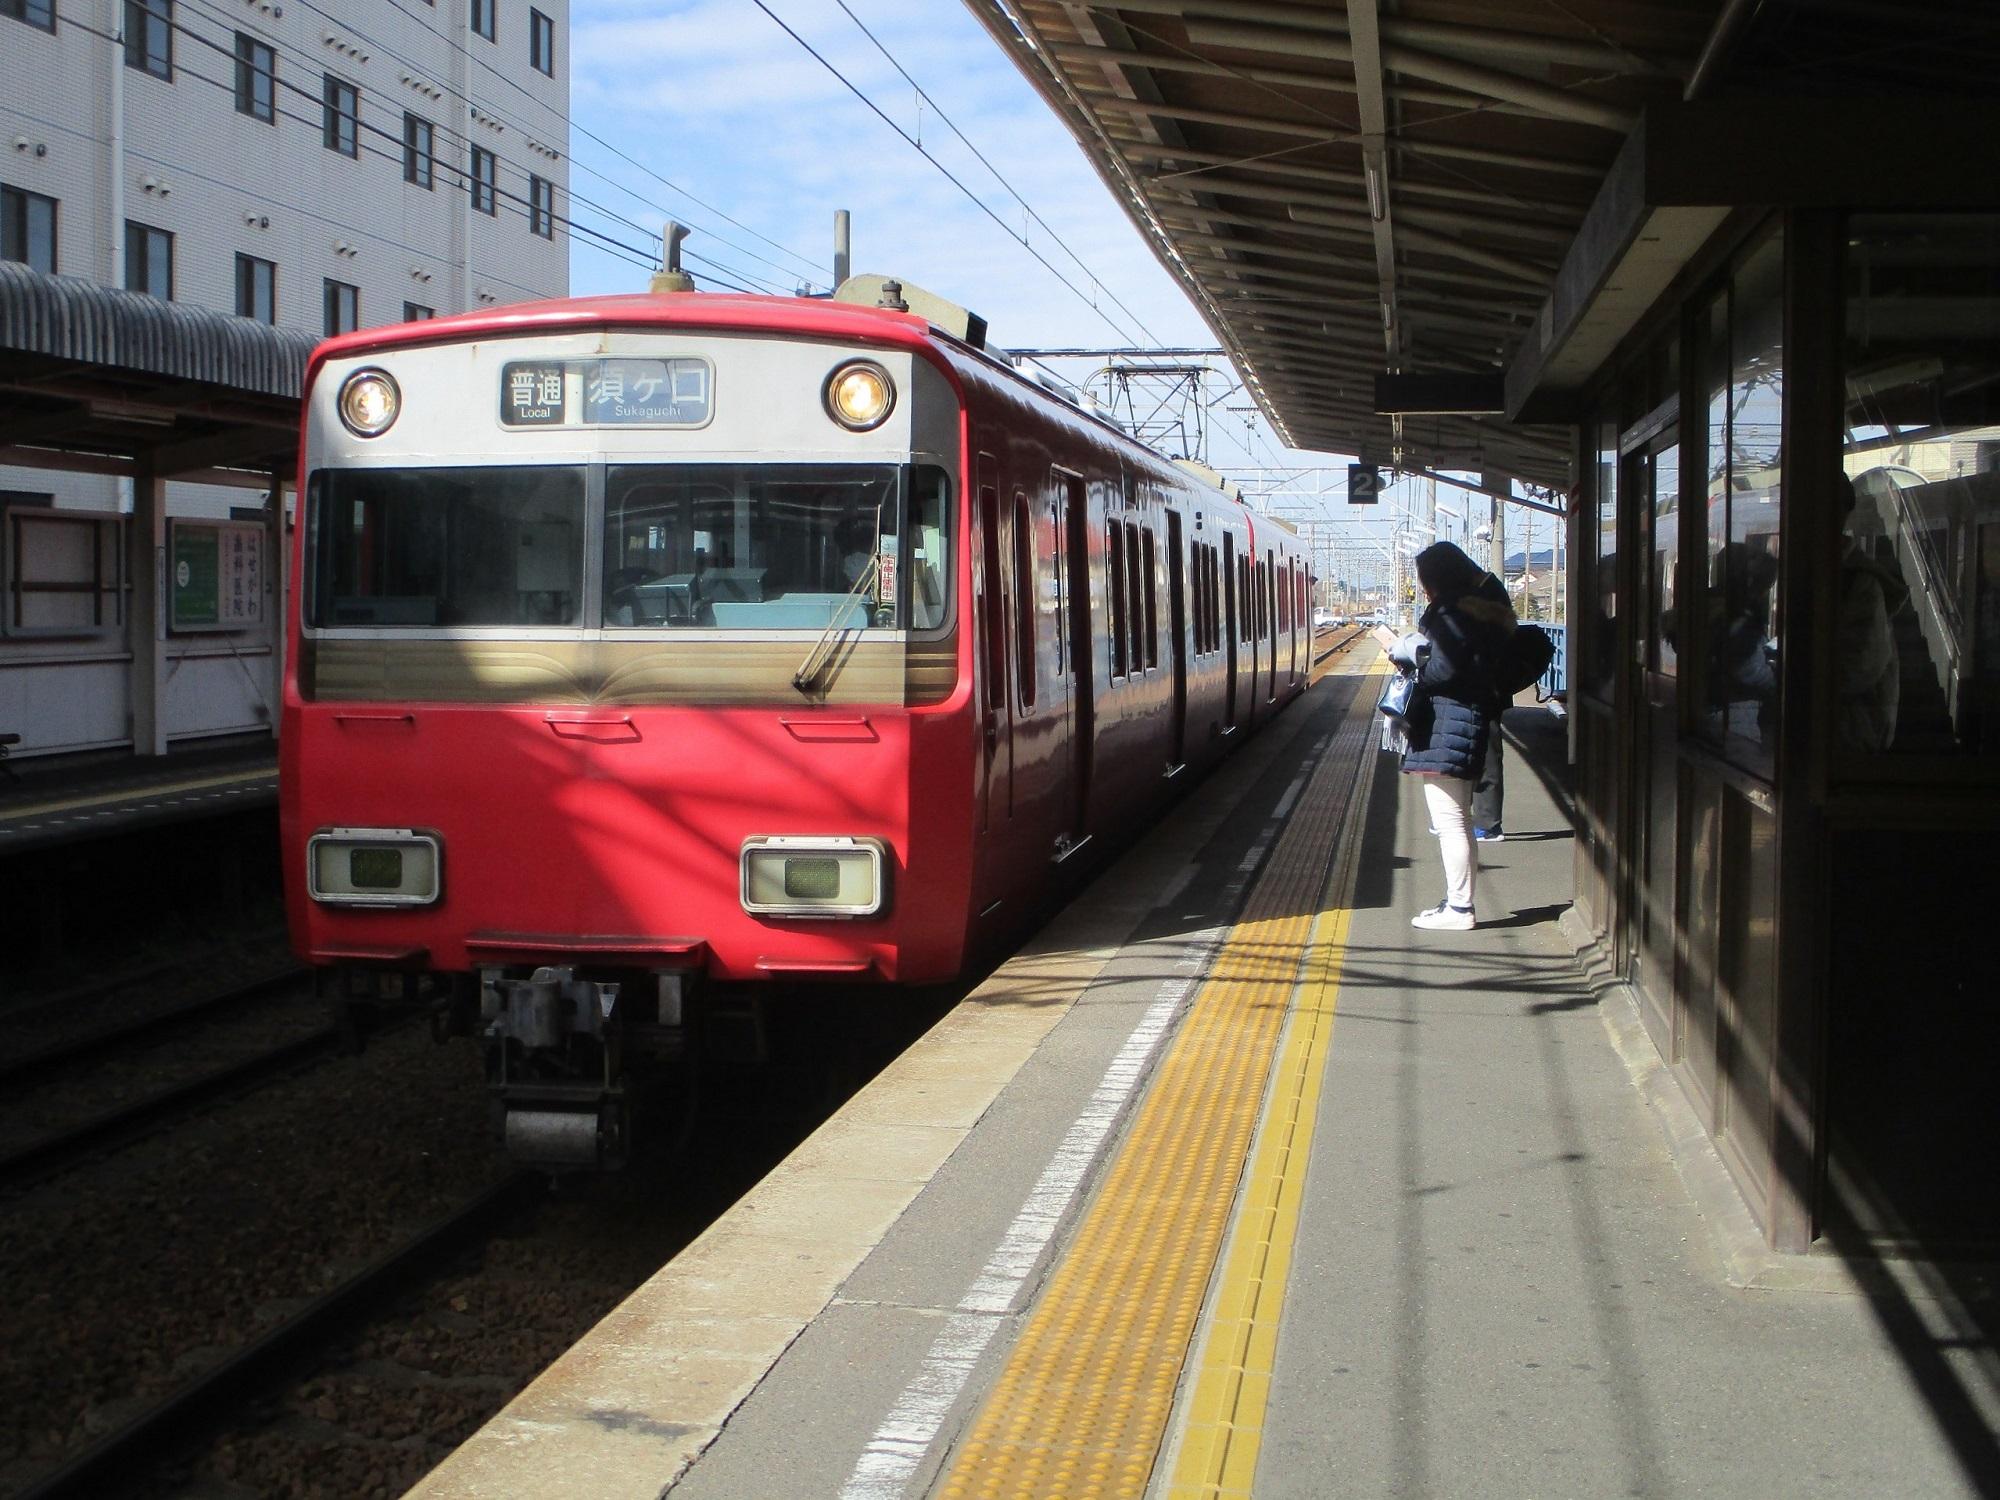 2020.2.12 (46) 大里 - 須ヶ口いきふつう 2000-1500